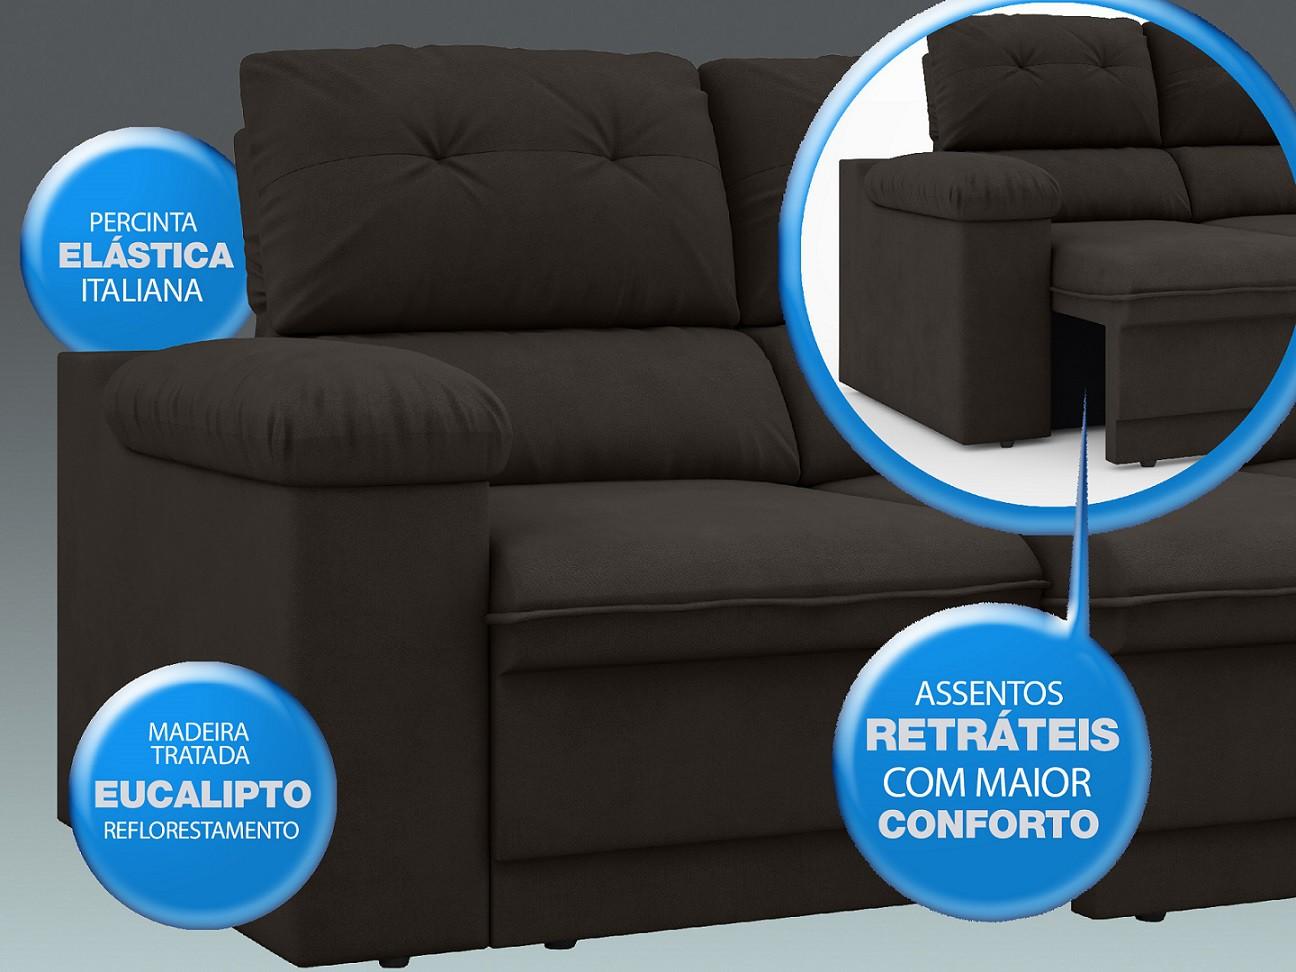 Sofá New Ripley 2,30m Assento Retrátil e Reclinável Velosuede Chocolate - NETSOFAS